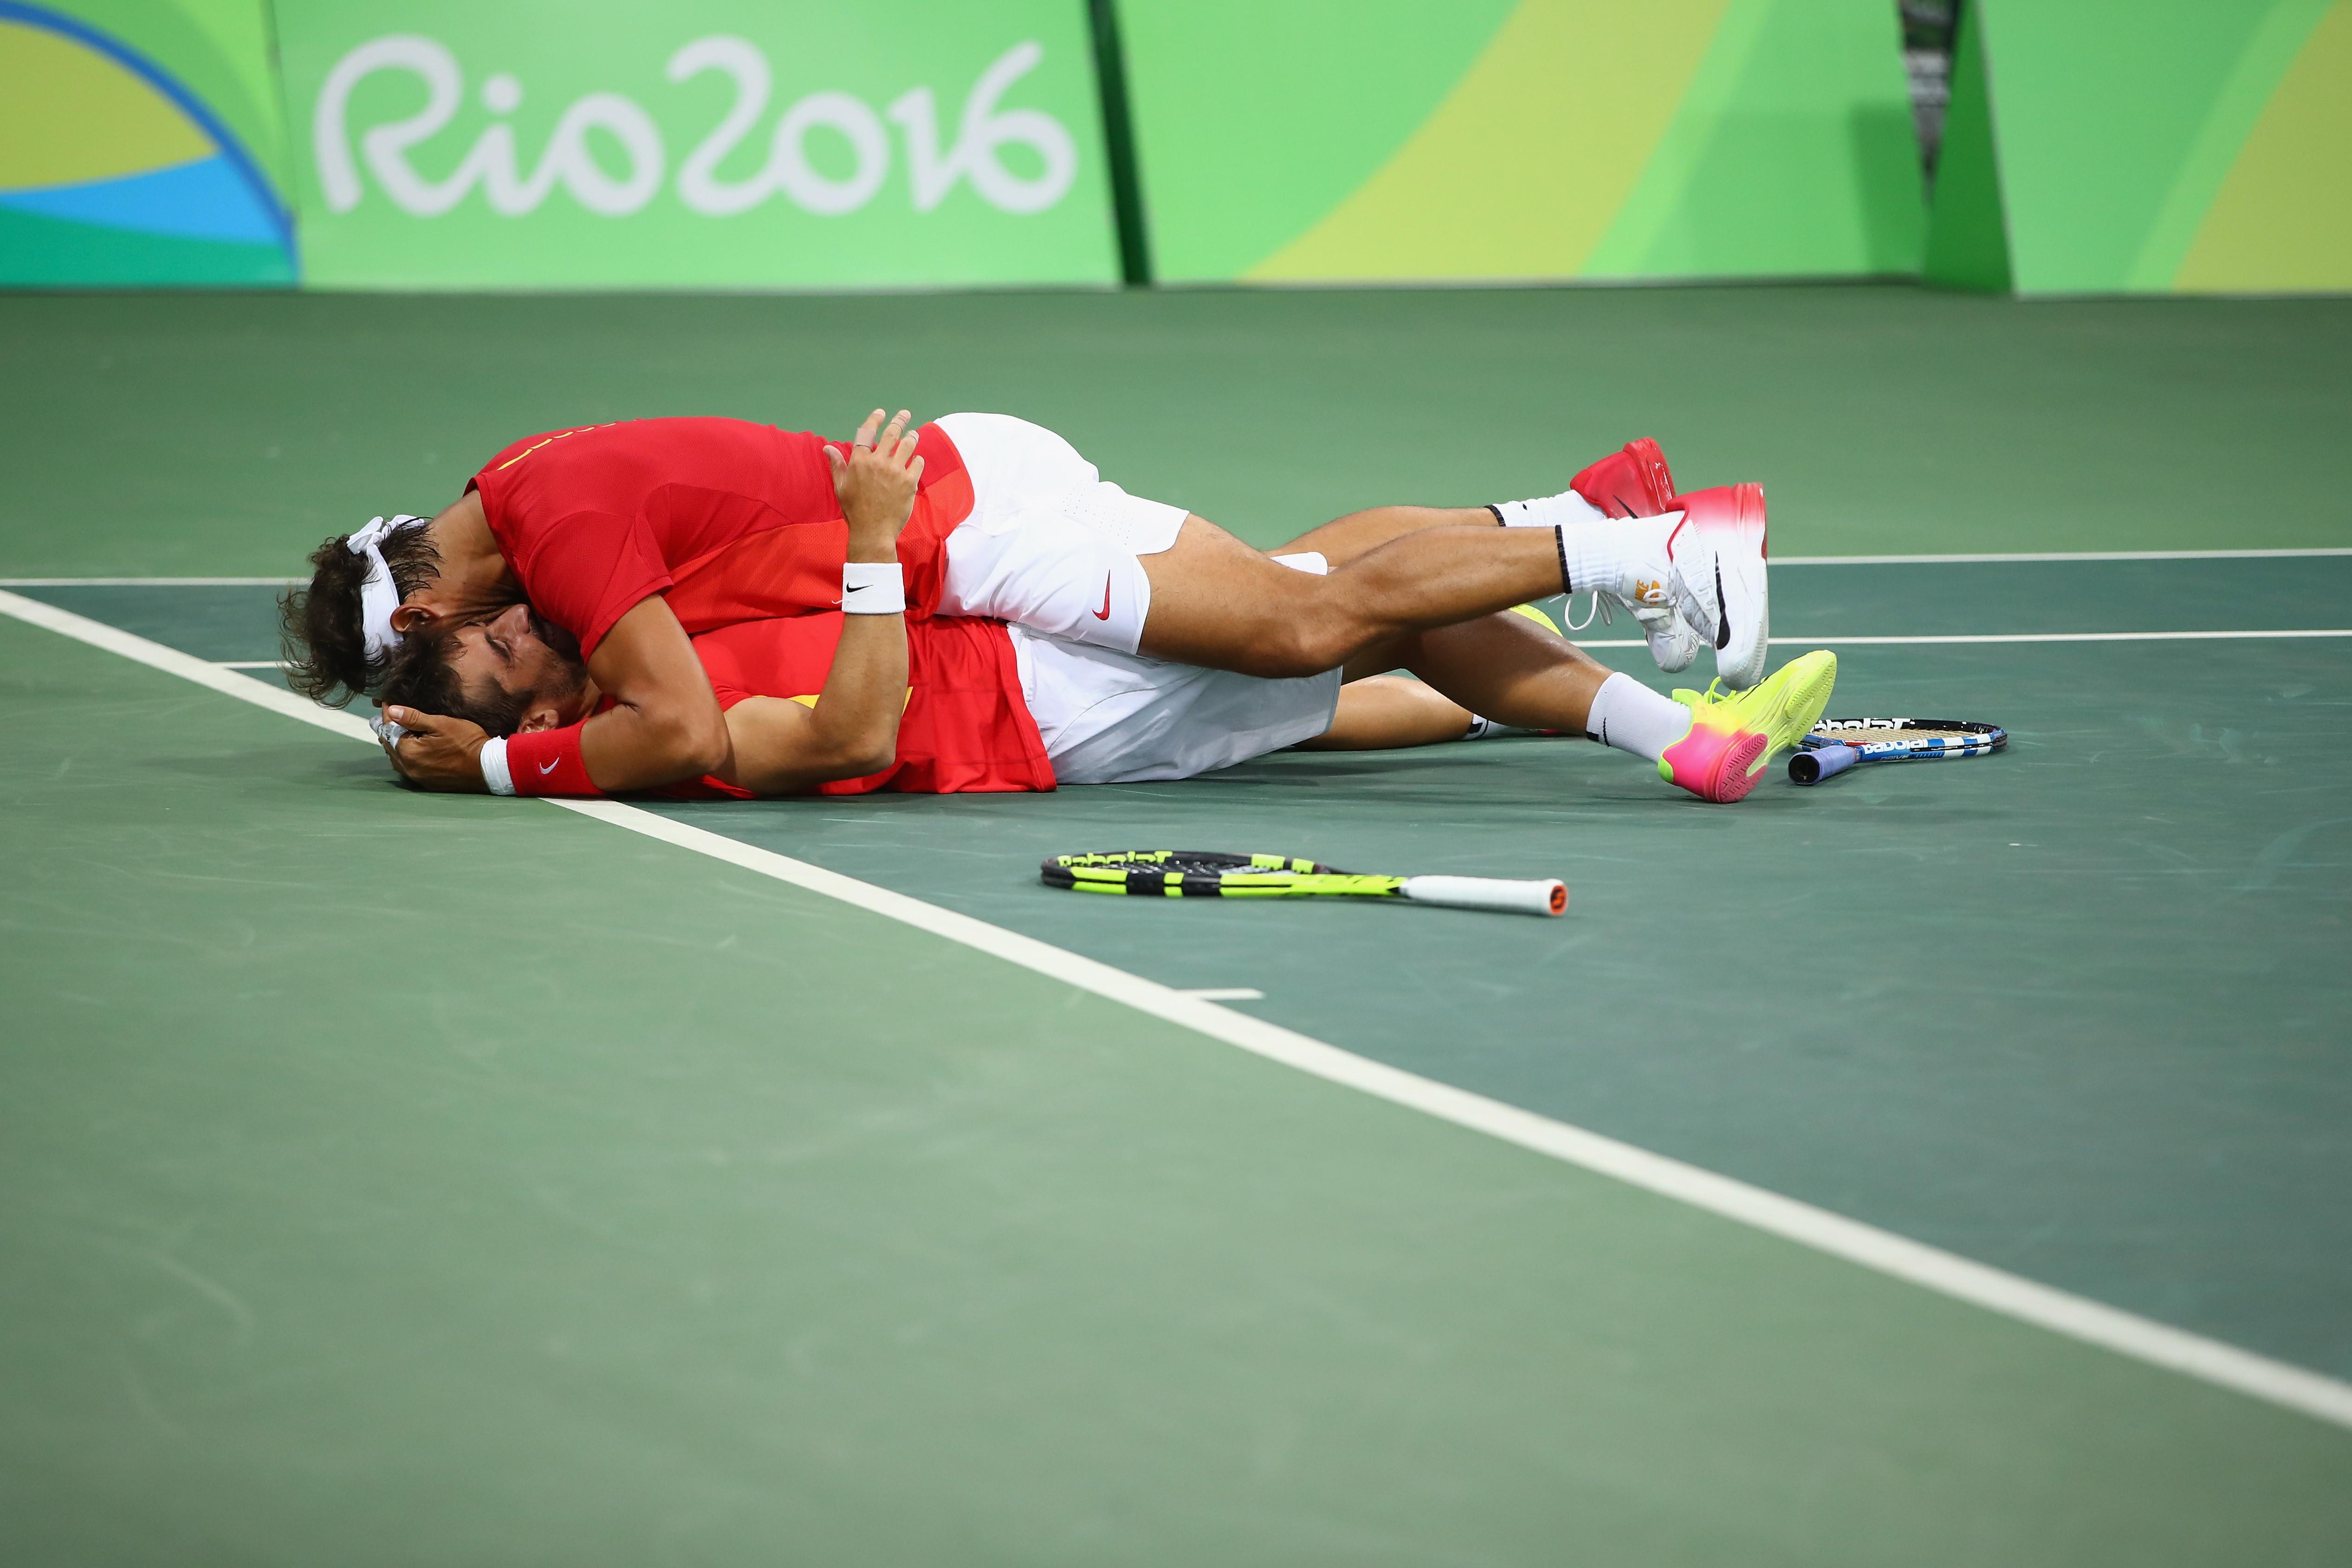 11 agosto 2016: Nadal e Lopez dopo la semifinale di doppio vinta contro il Canada alle Olimpiadi di Rio